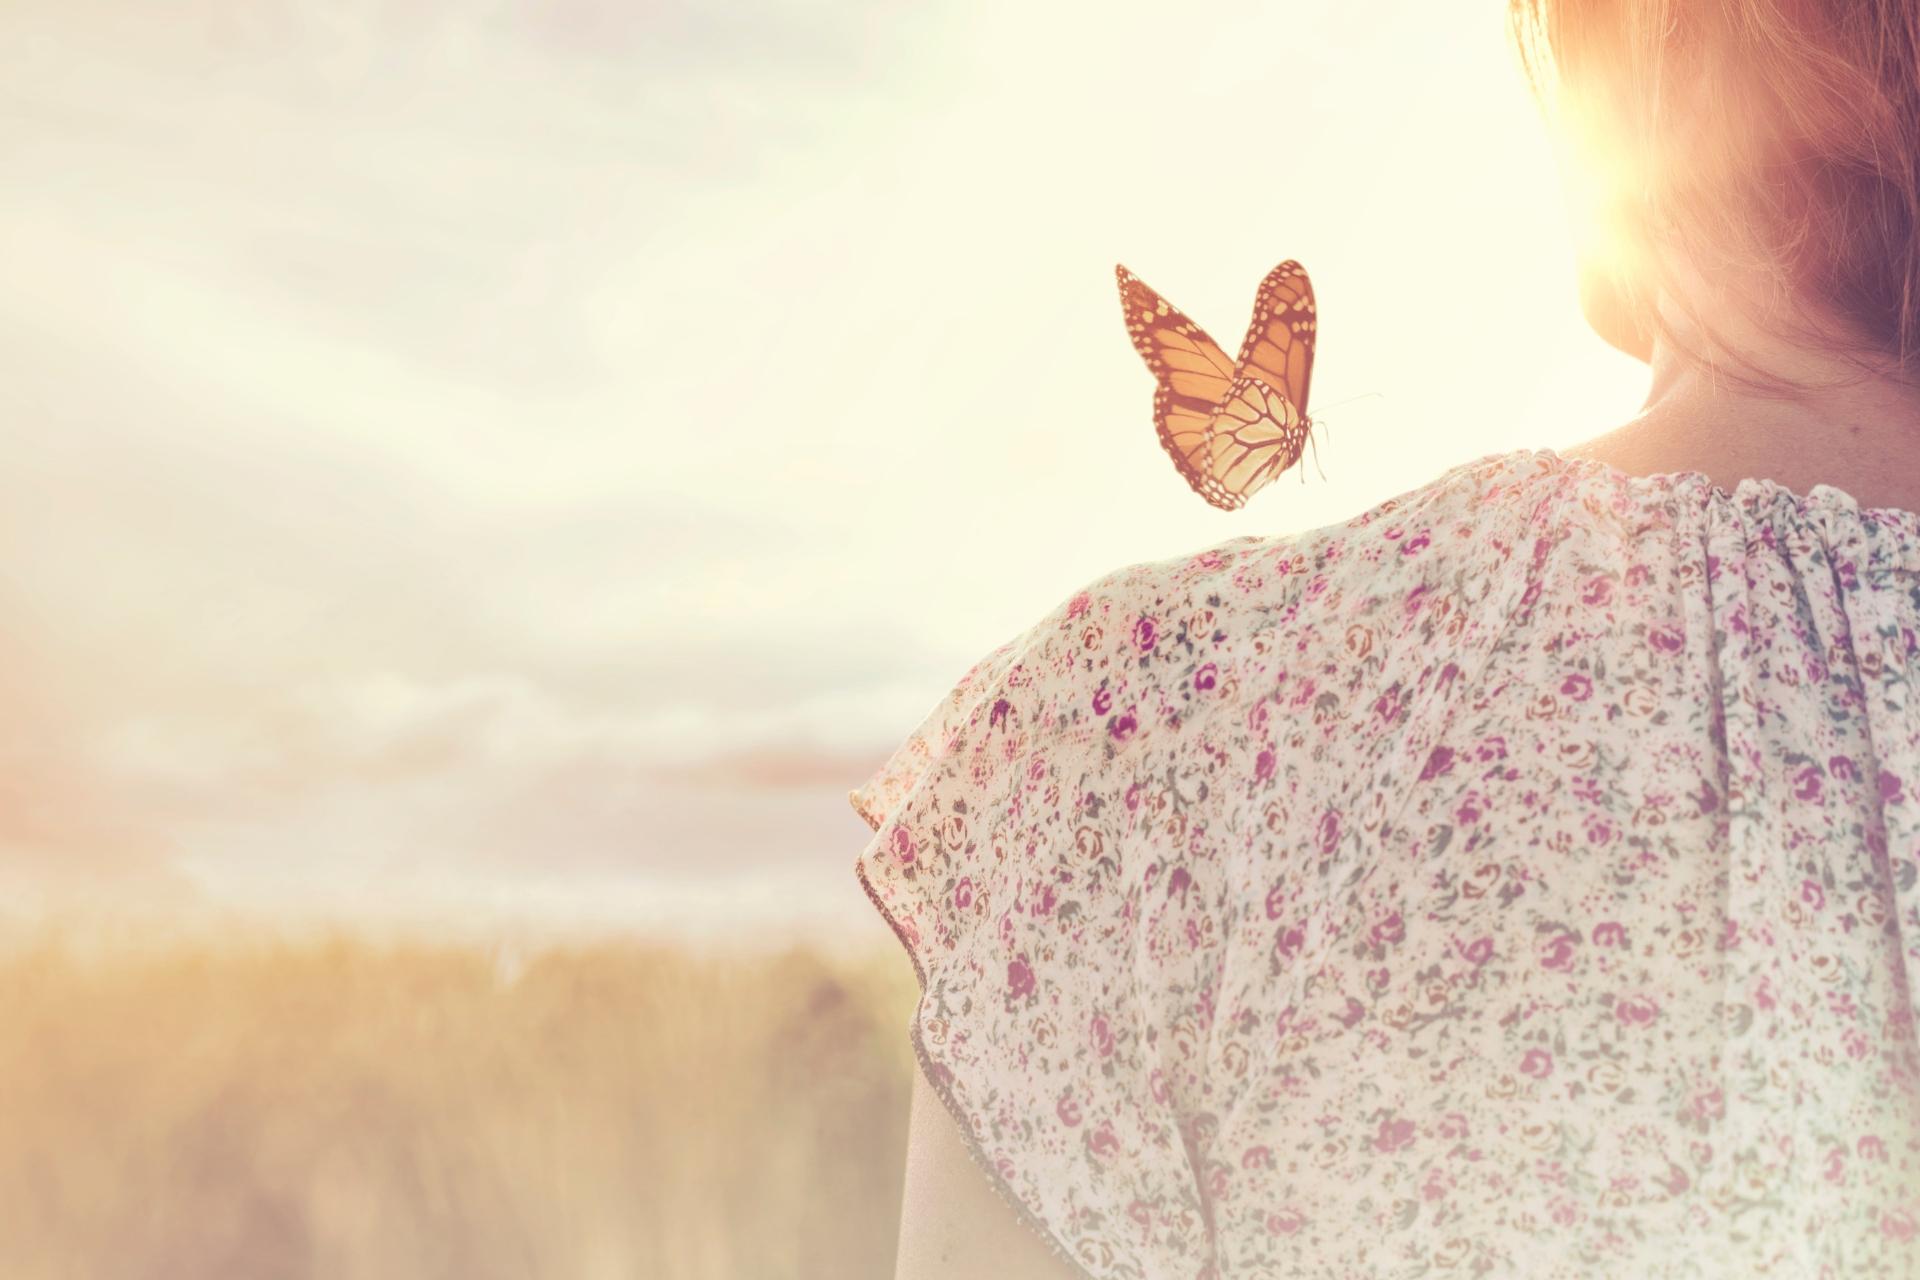 Fjäril landar på en kvinnas axel symboliserar personligt växande